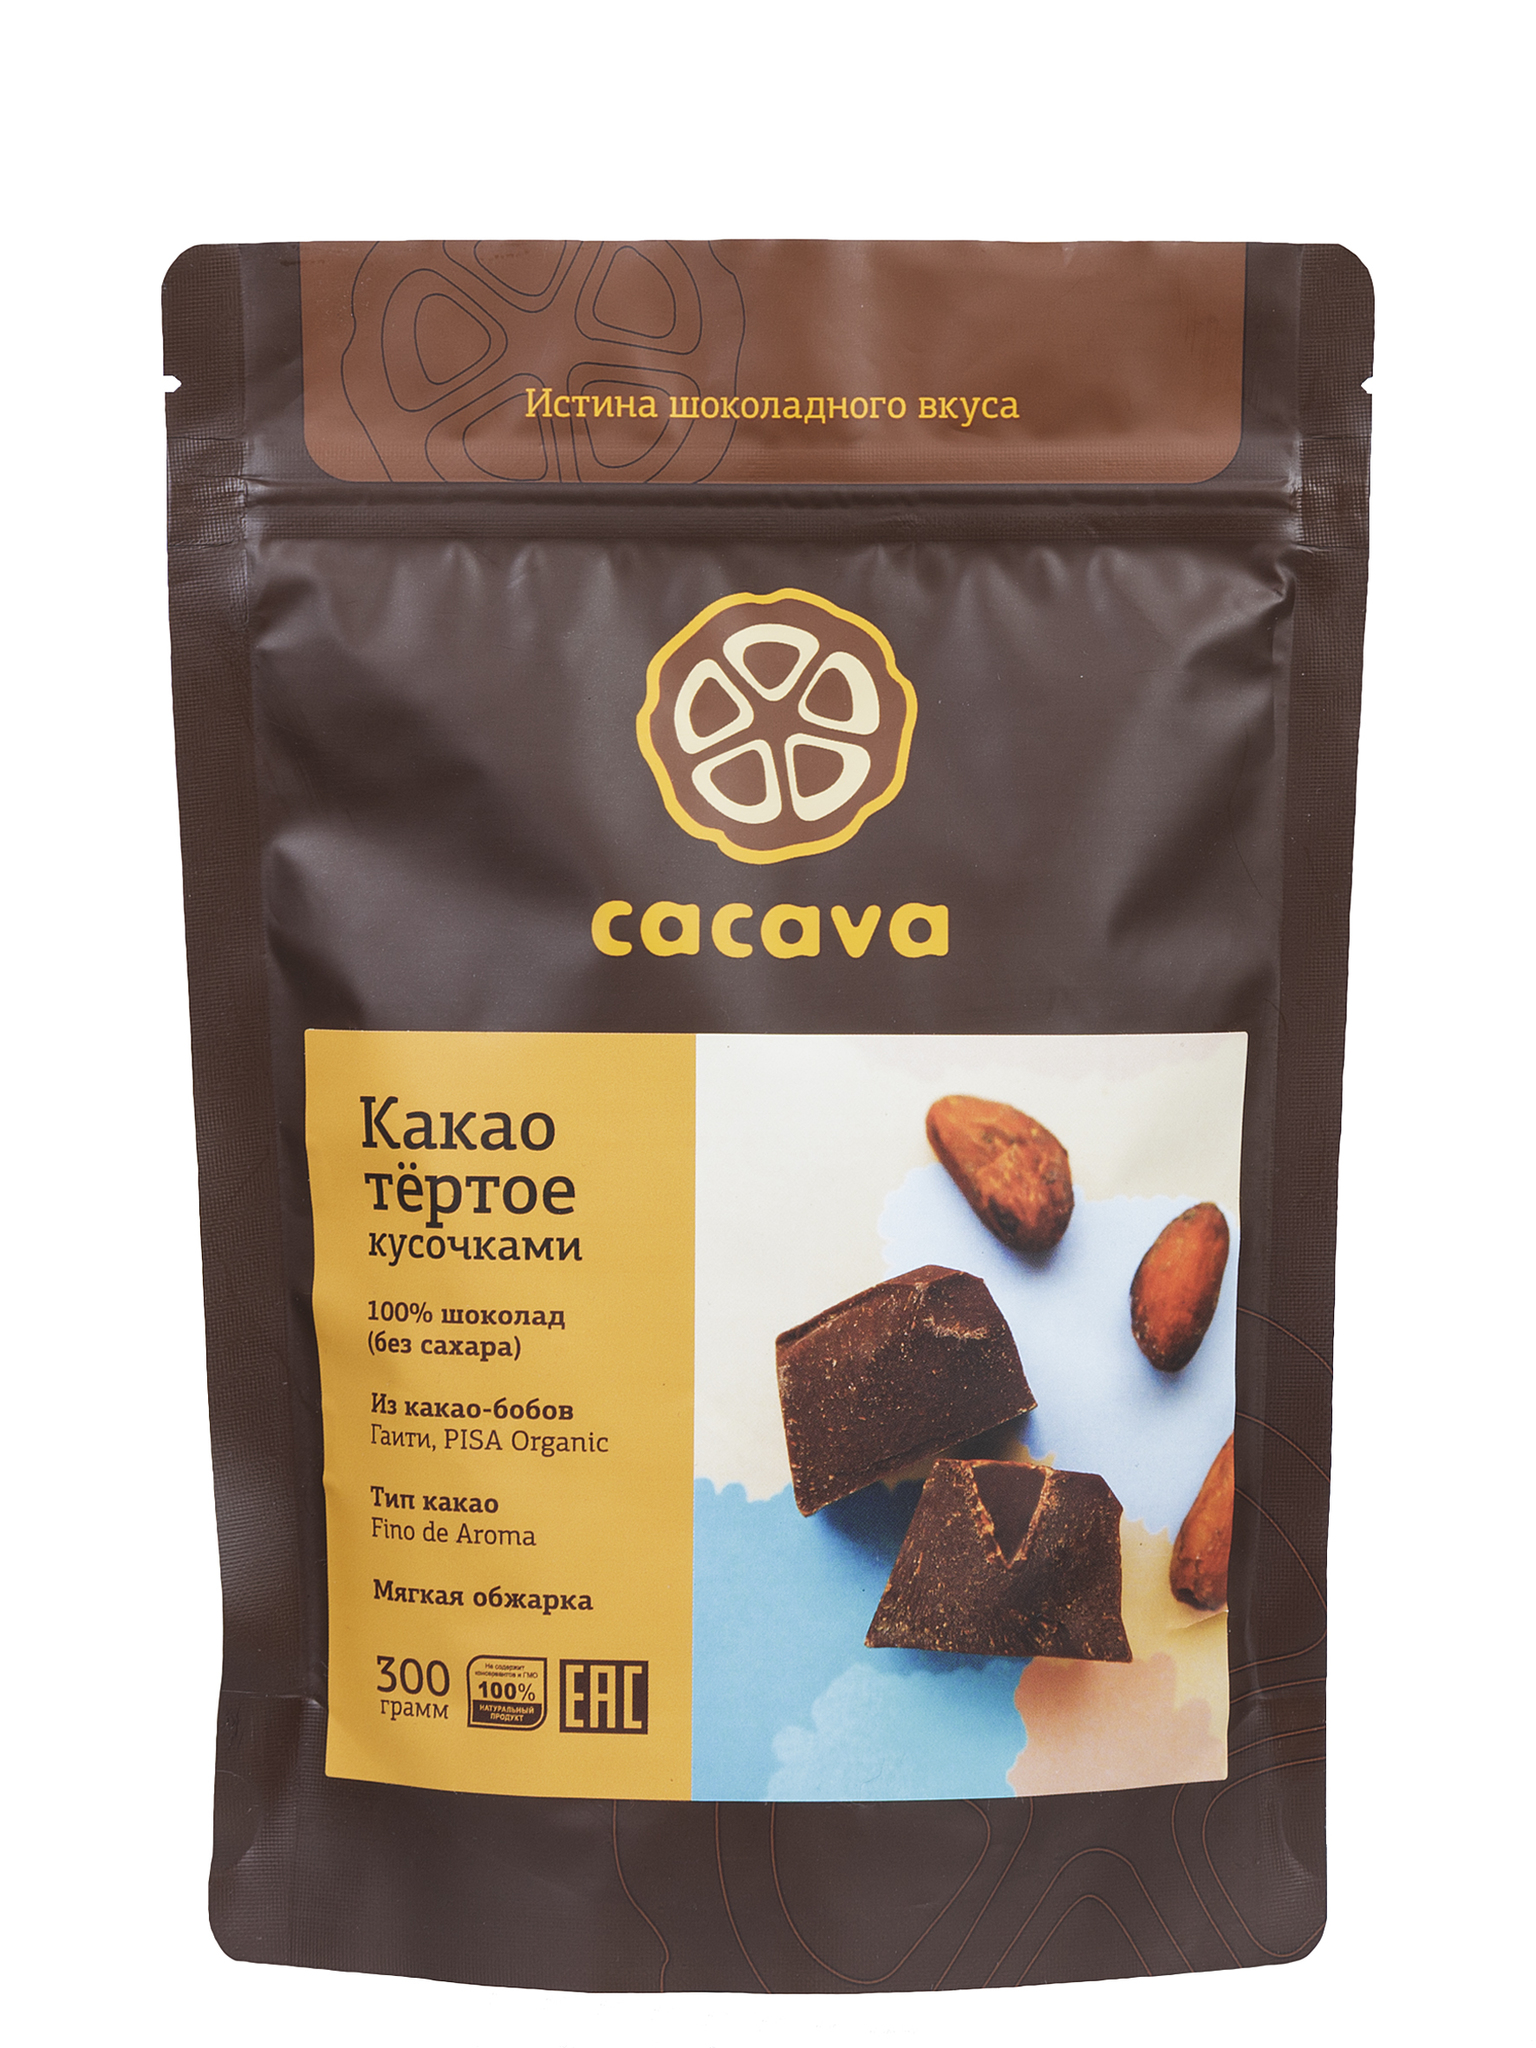 Какао тёртое кусочками (Гаити), упаковка 300 грамм